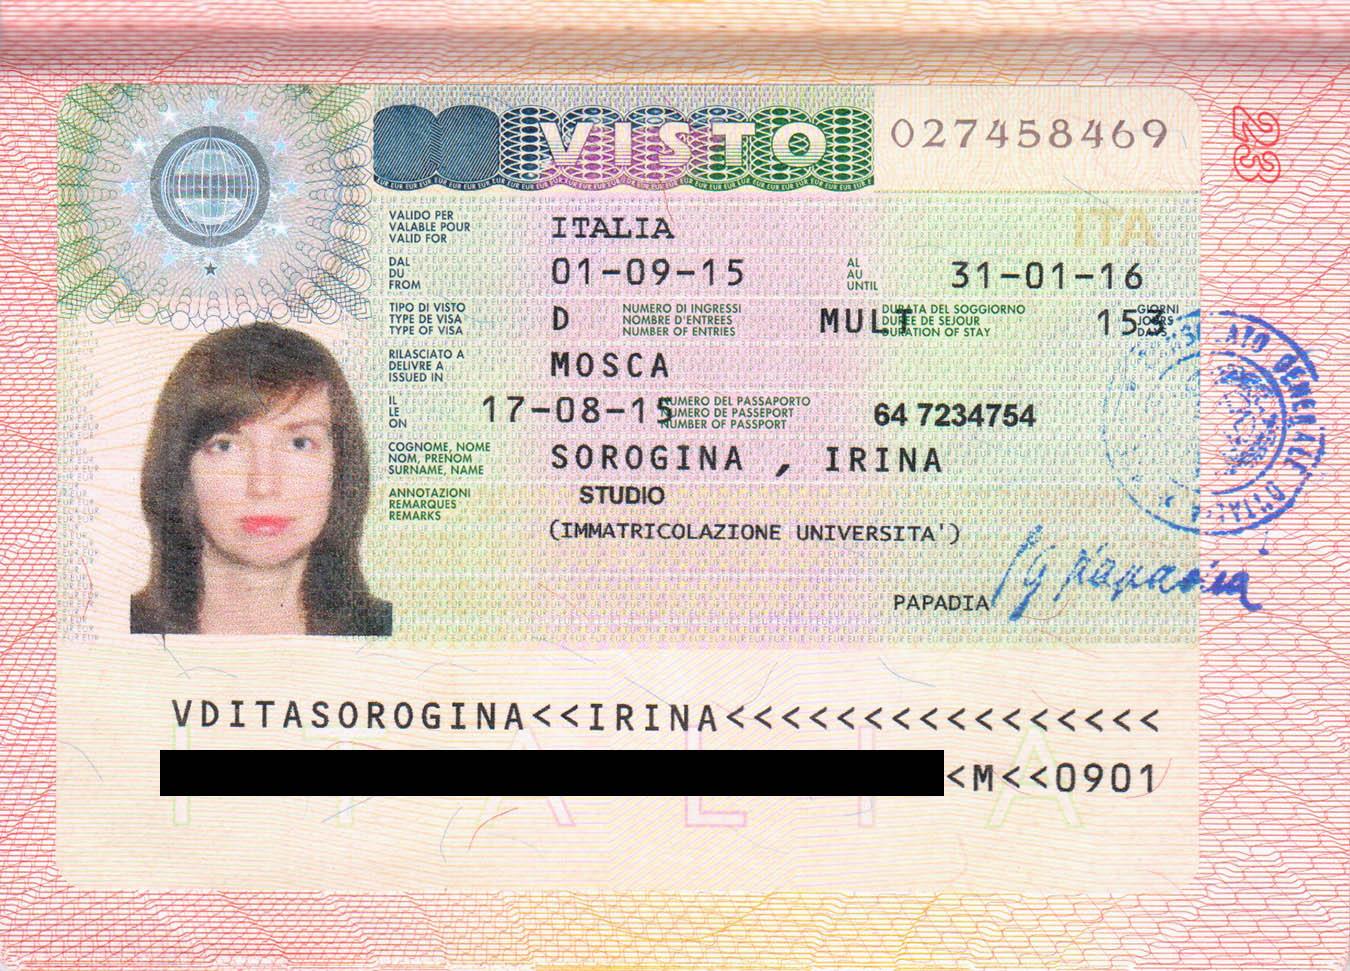 Мне оформили студенческую визу типа D на 5 месяцев